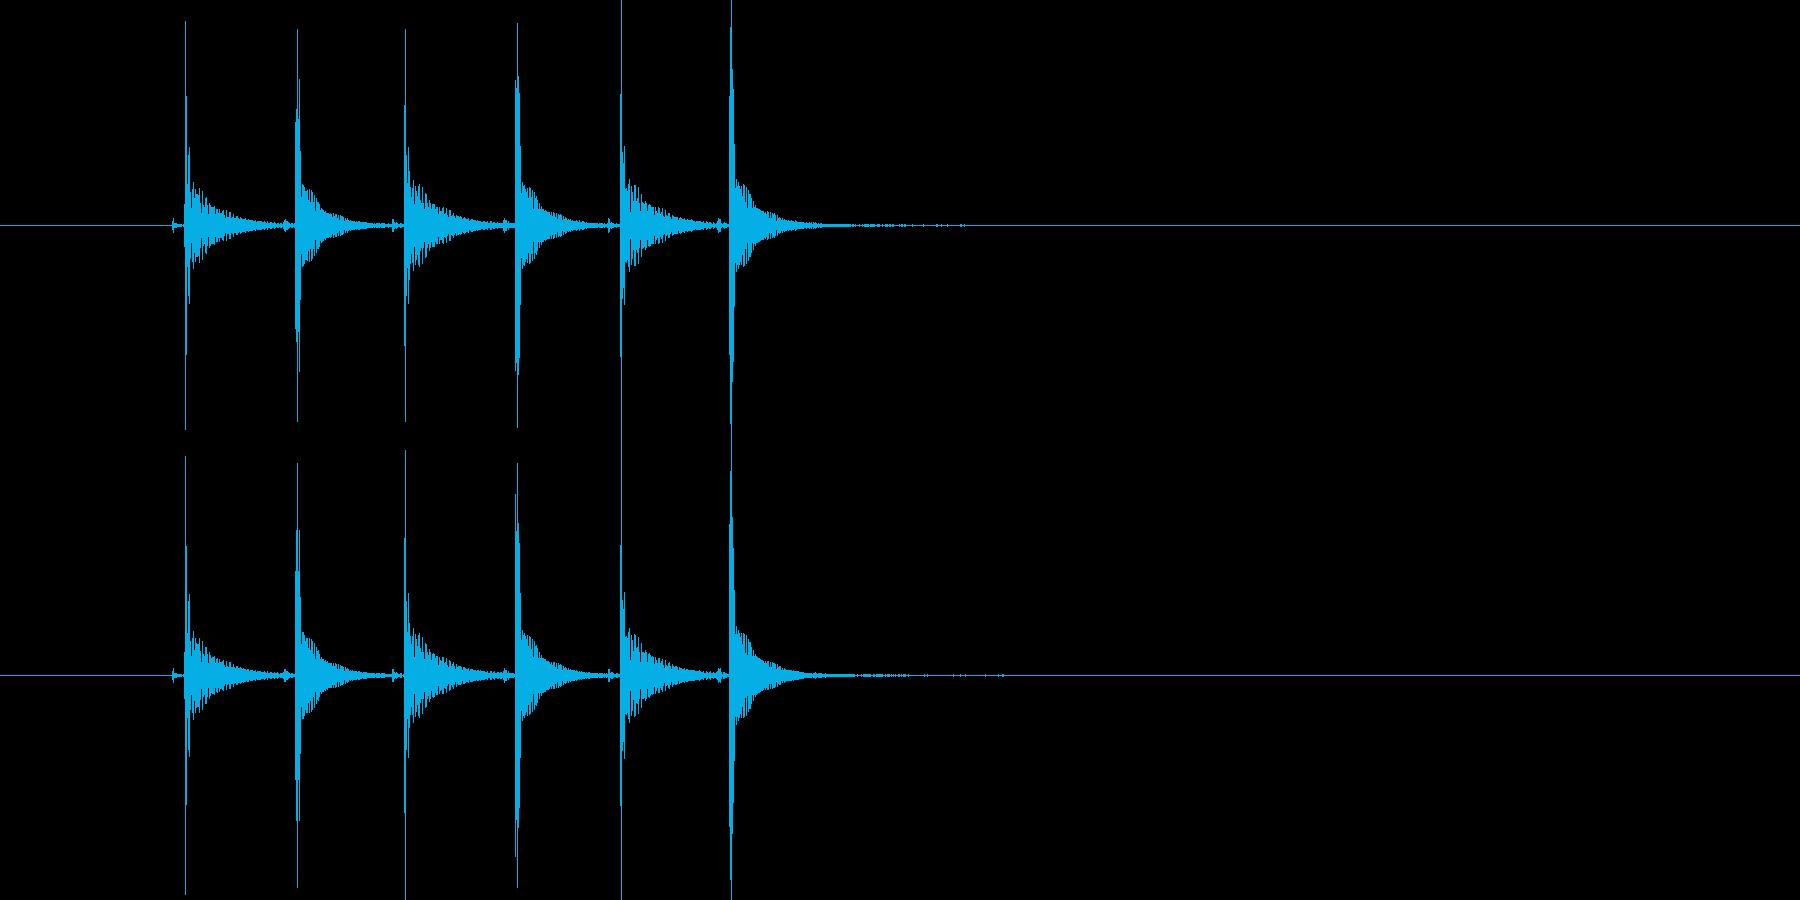 ピコピコピコ(高音の電子音)の再生済みの波形